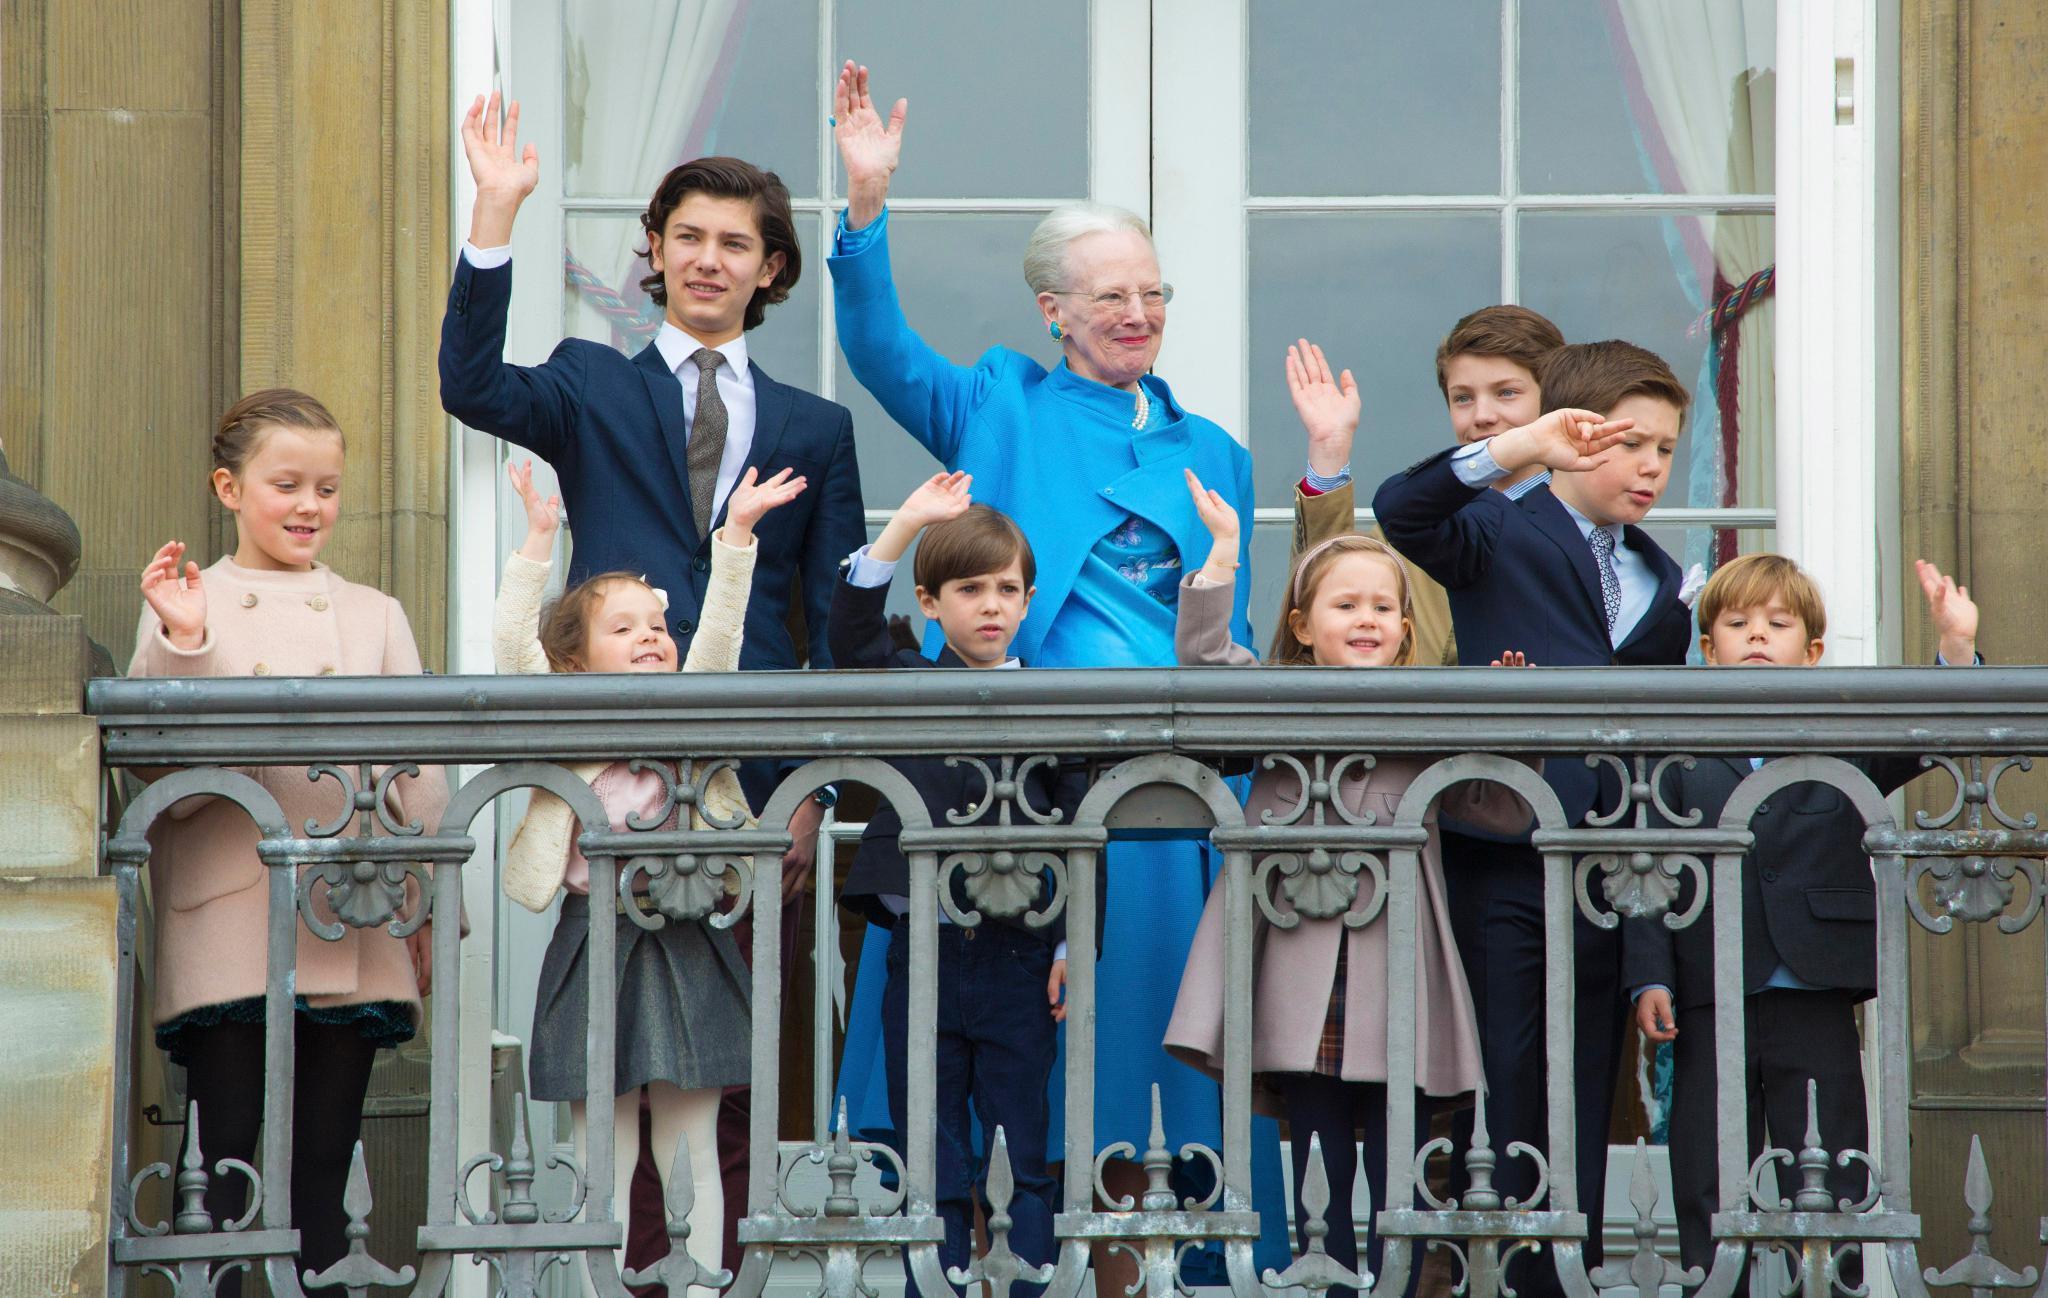 Sieben von acht Enkelkindern von Königin Marethe kriegen wohl, wenn sie erwachsen sind, keine Apanage. Das heißt für Isabella, Athena, Henrik, Josephine, Vincent, Felix und Nicolai also, sie werden sich im normalen Berufsleben bewähren müssen.